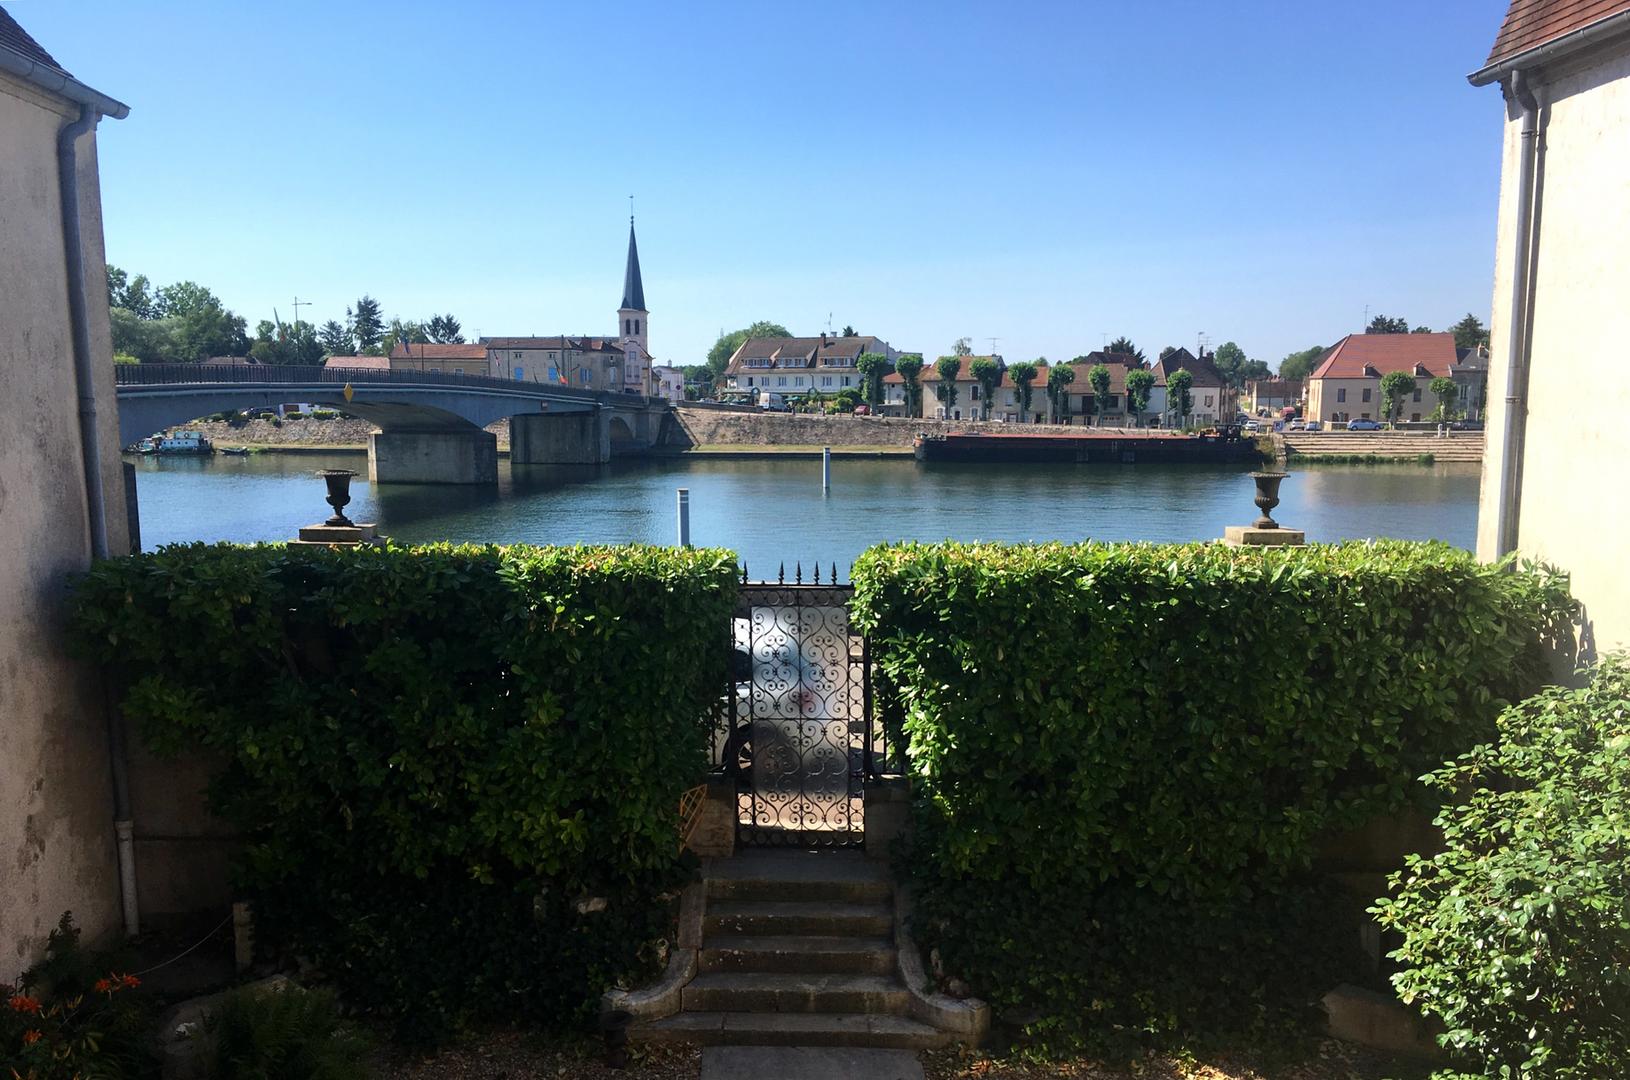 Vue sur le pont qui nous relie au village de Losne en Bourgogne avec la Saône. Photo prise depuis la maison.